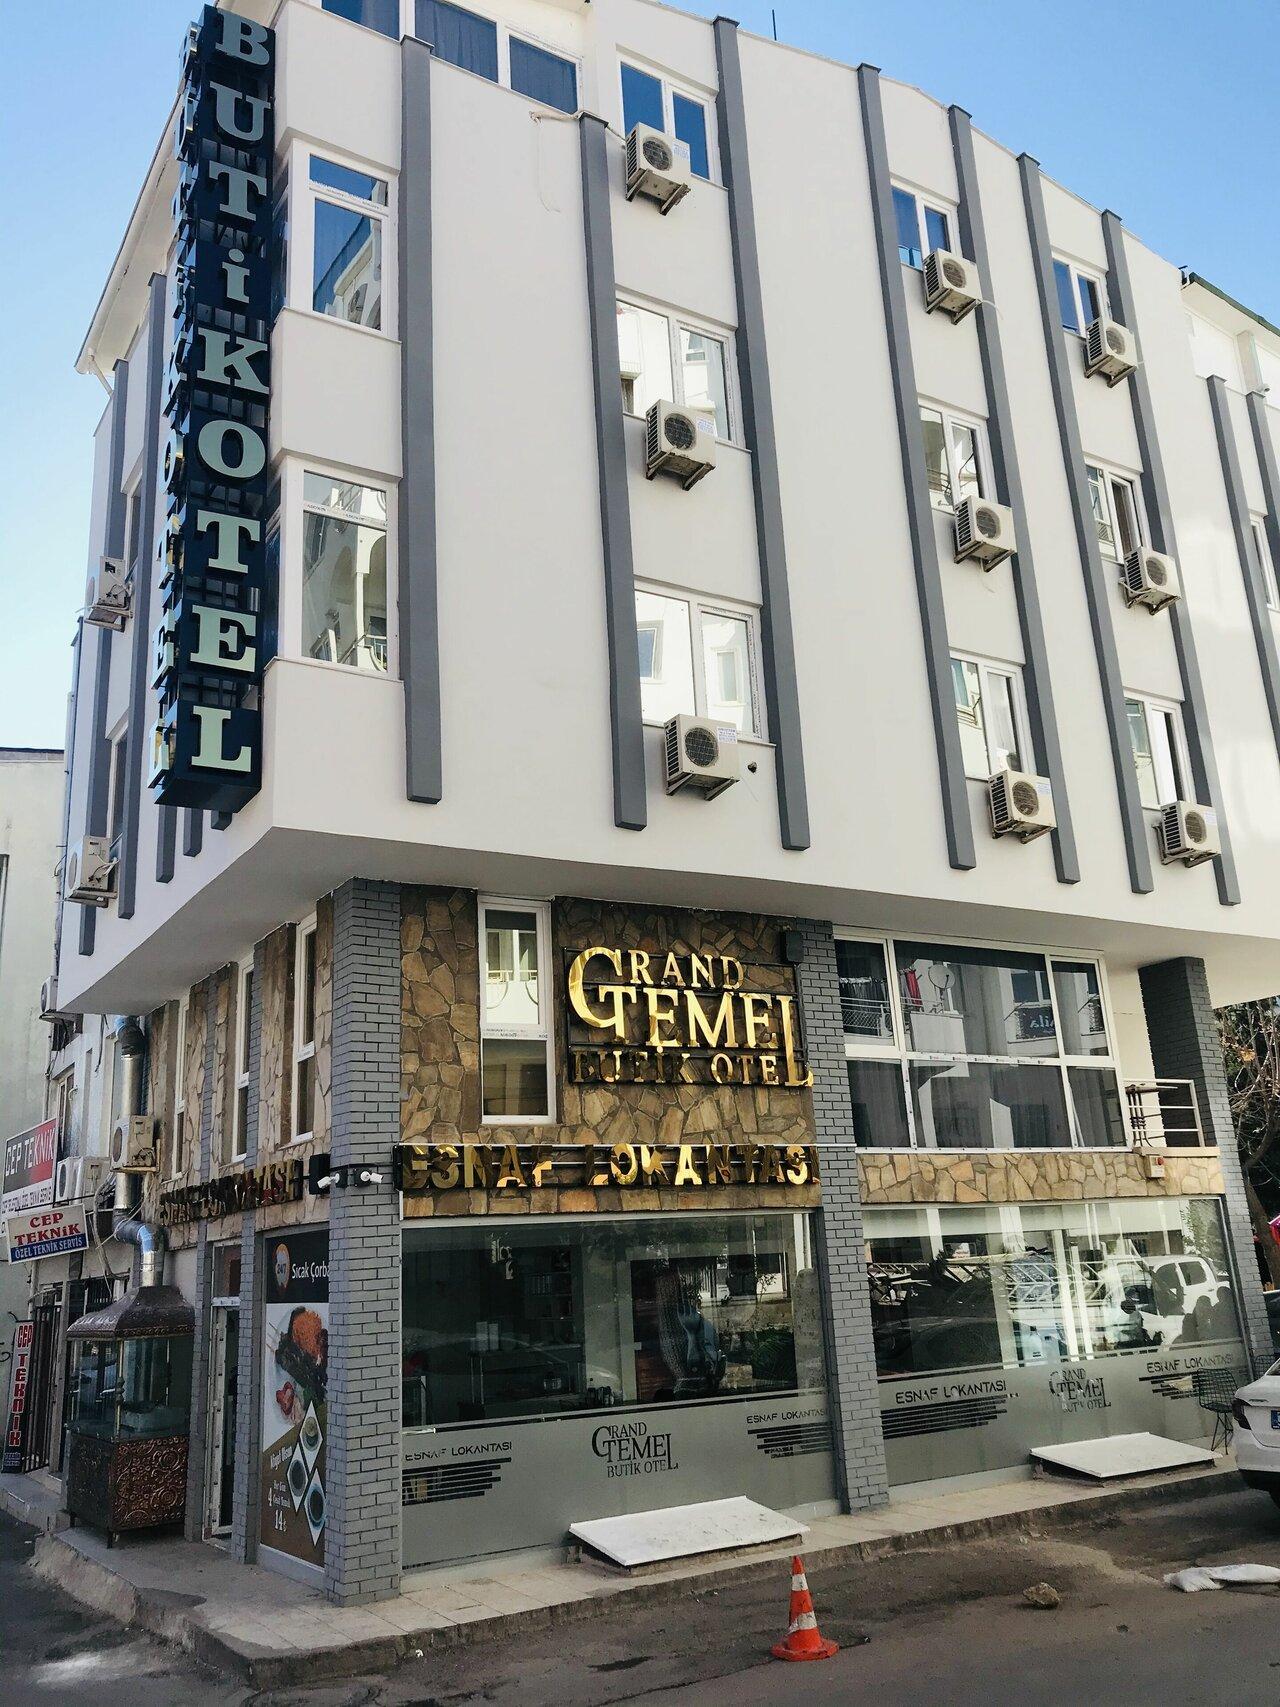 Grand Temel Butik